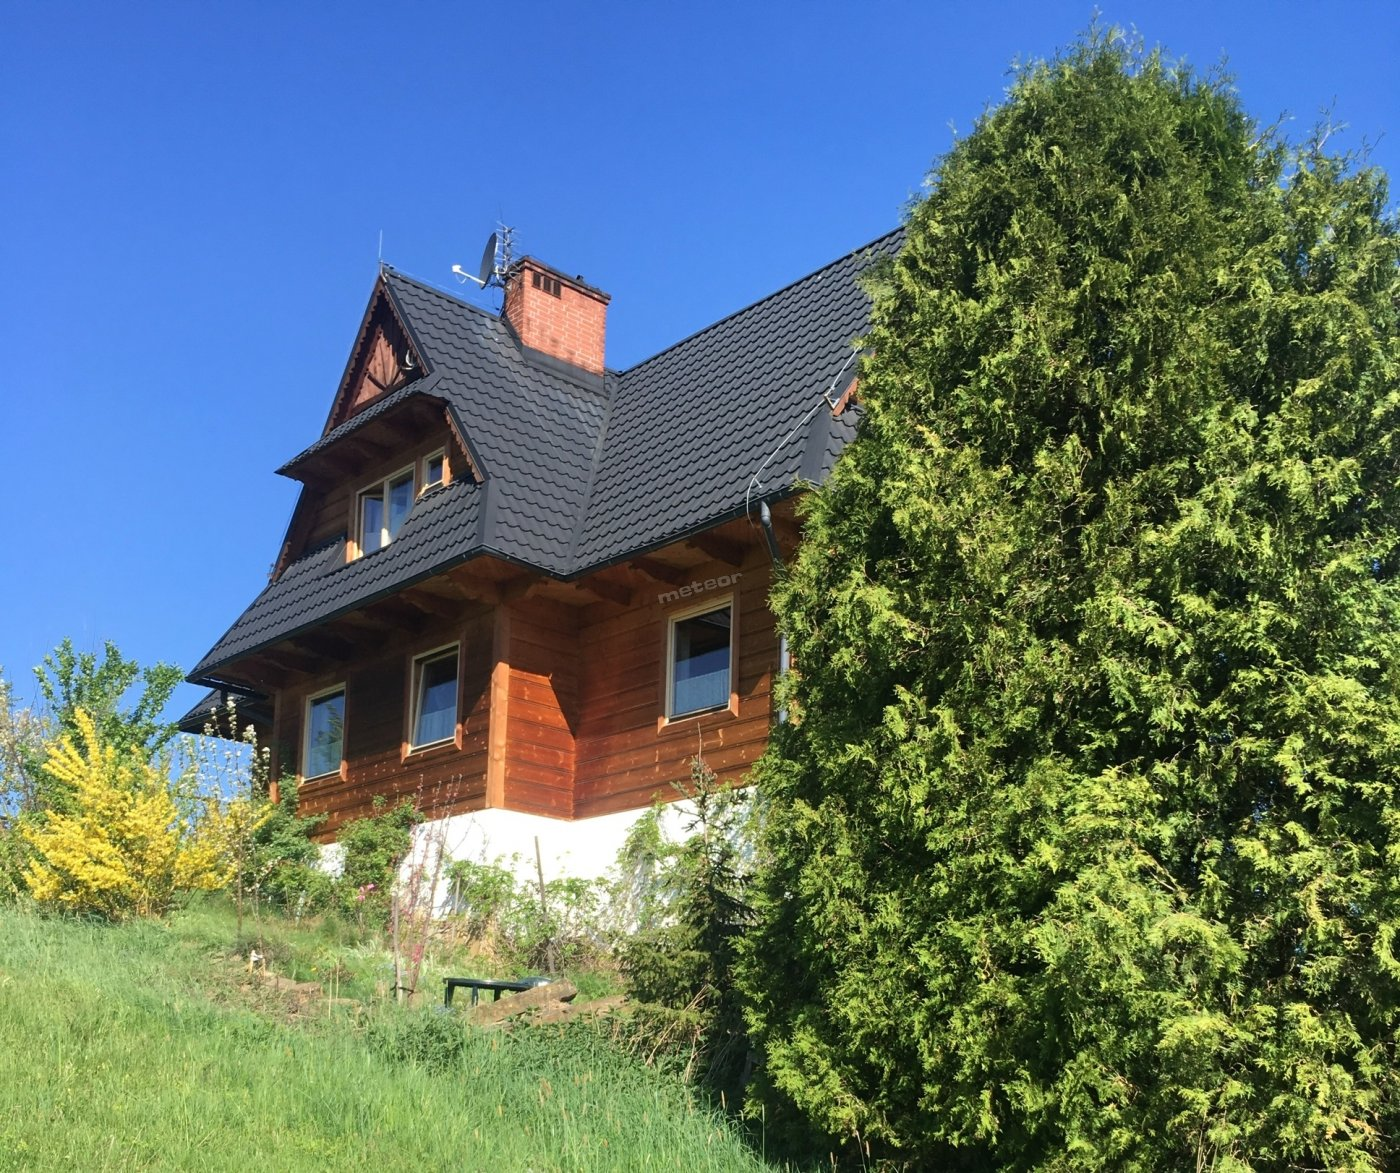 Dom położony na wsi, z dala od ulicy.